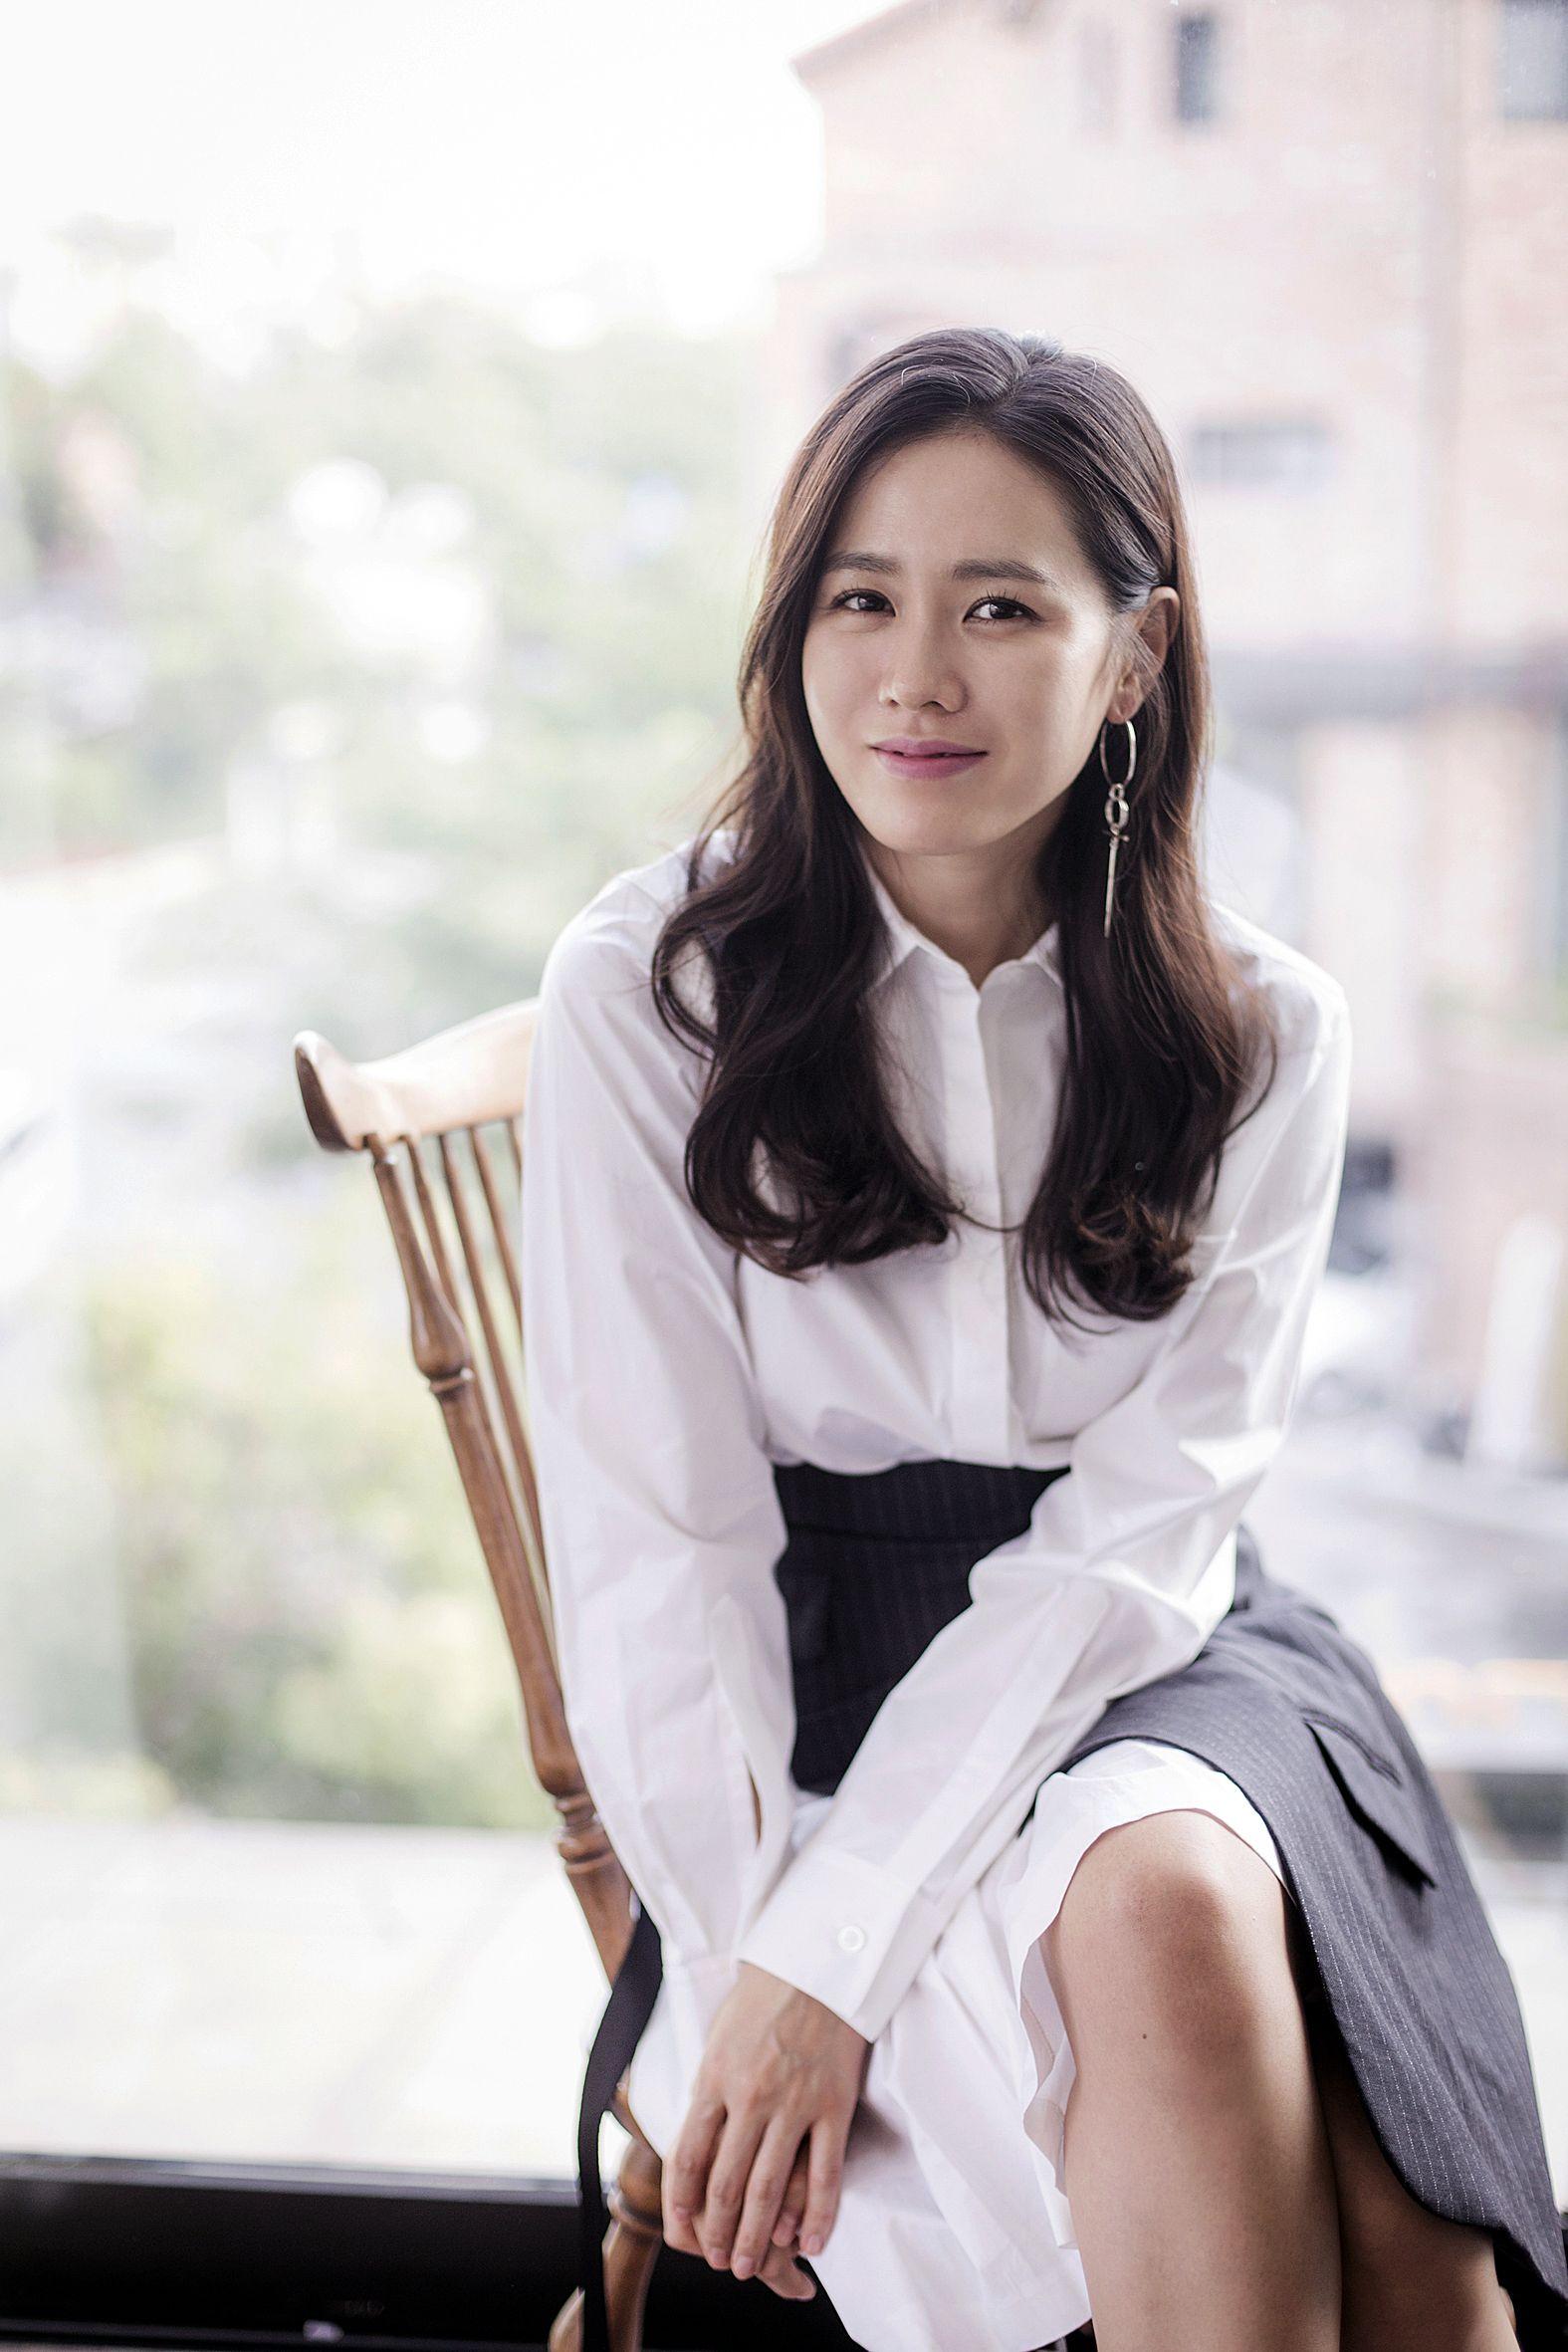 """Hyun Bin bộc bạch:""""Từ lần gặp đầu tiên đã bị sự tinh tế của cô ấy chinh phục"""", phụ nữ 30 + nên học ngay 5 cách diện đồ tinh tế từ Son Ye Jin - Ảnh 11."""